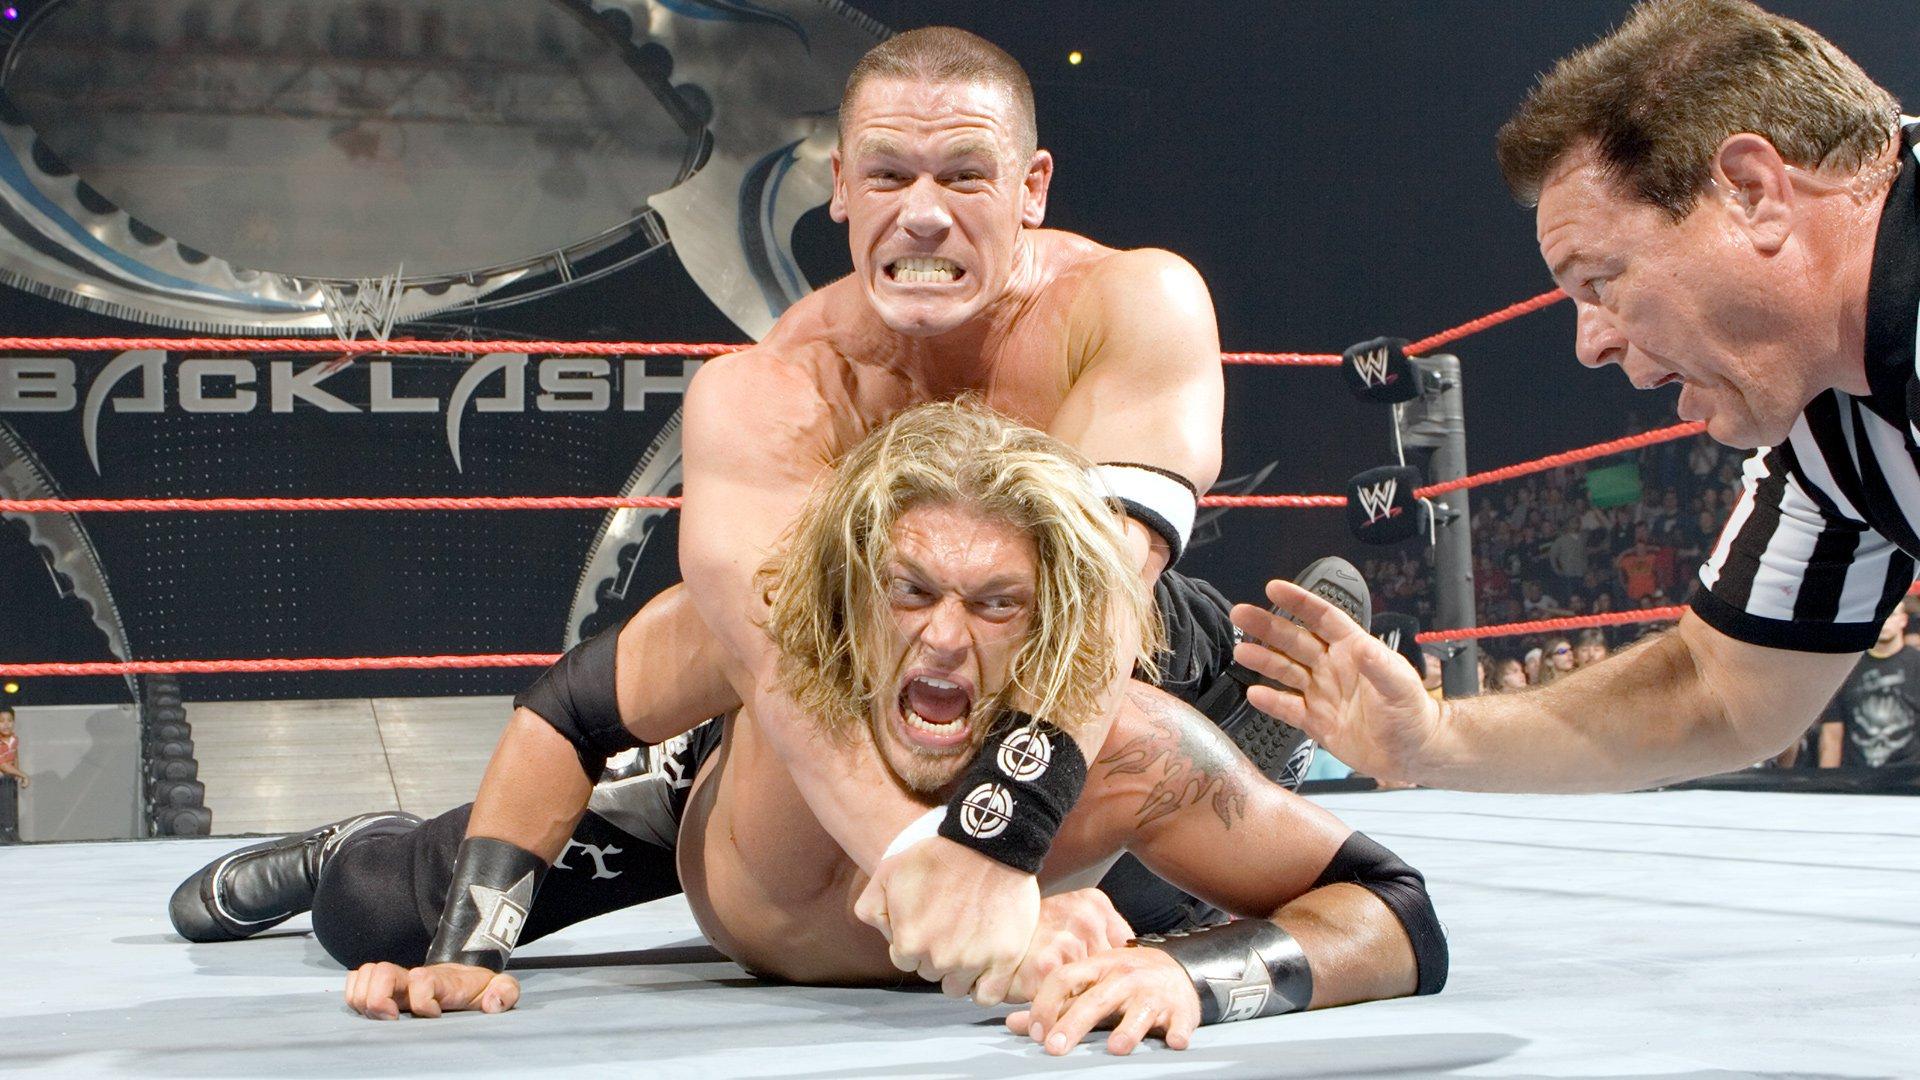 Backlash 2006 | WWE